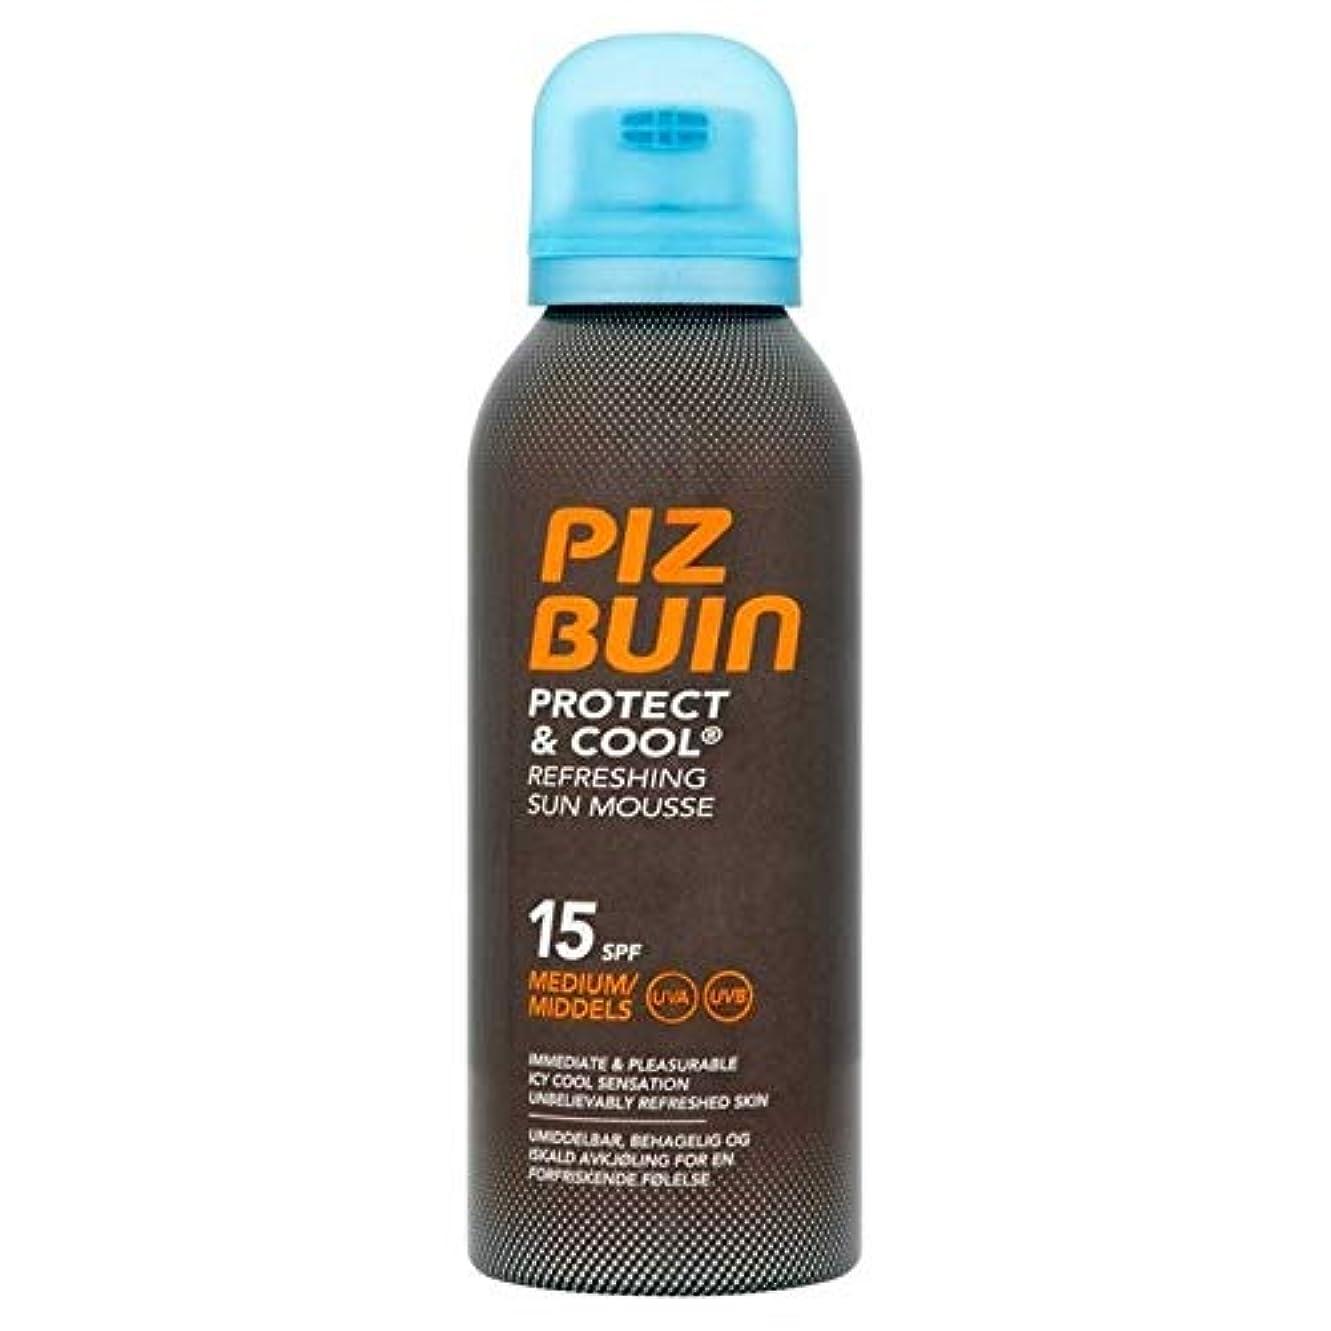 無駄なボンド苦行[Piz Buin] ピッツのBuinのは、太陽のムースSpf15の150ミリリットルを保護&クール - Piz Buin Protect & Cool Sun Mousse SPF15 150ml [並行輸入品]